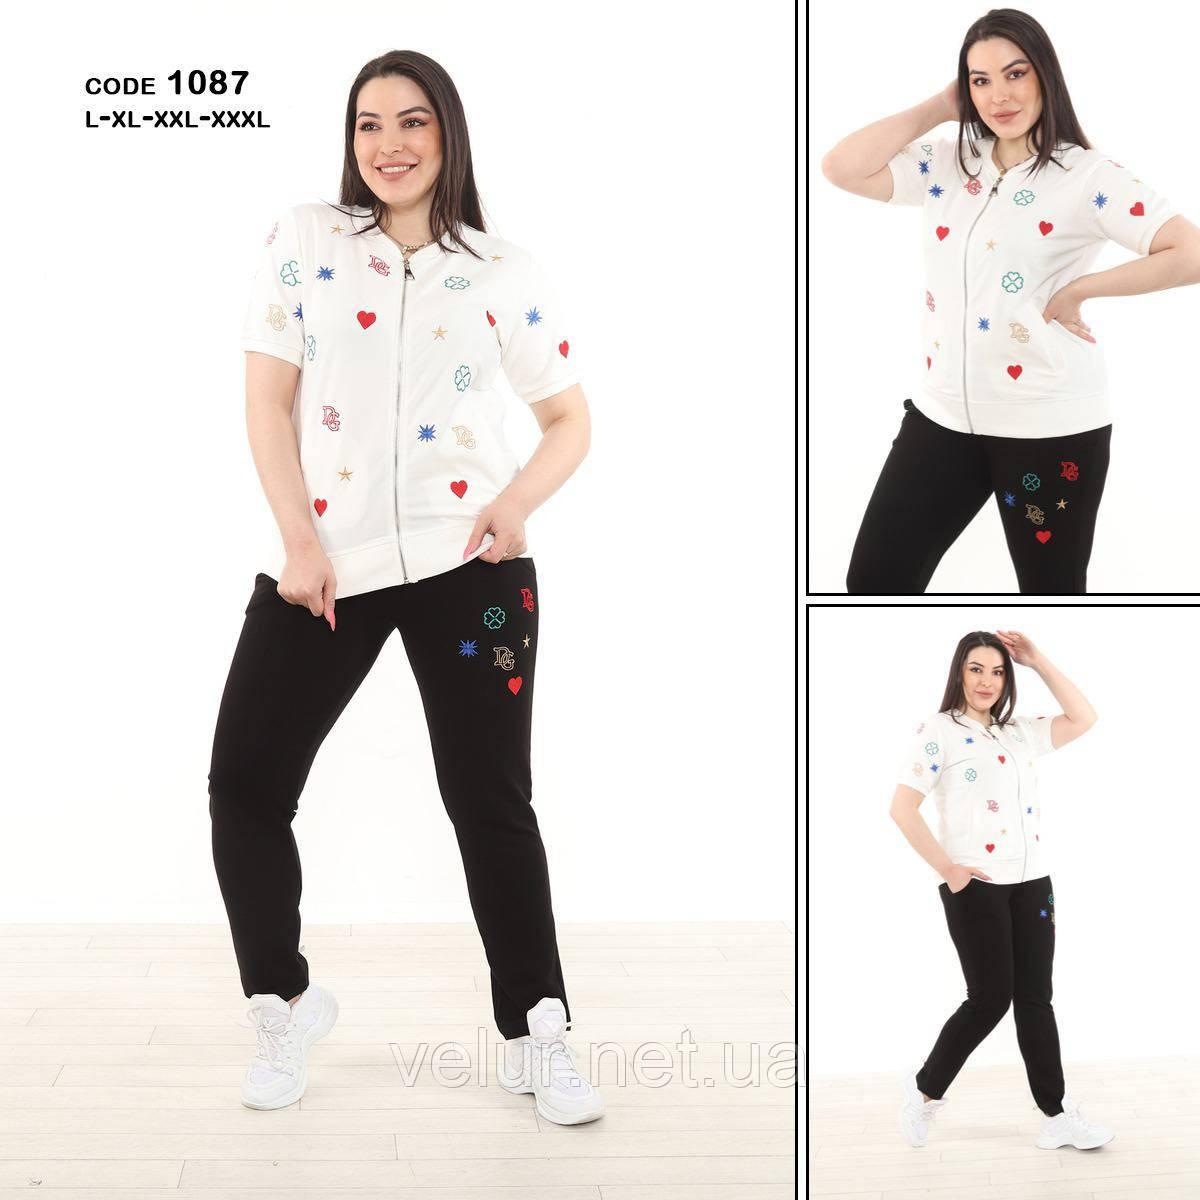 Женский брендовый спортивный трикотажный костюм, (Турция ); Размеры: 50,52,54,56 ;3 цвета